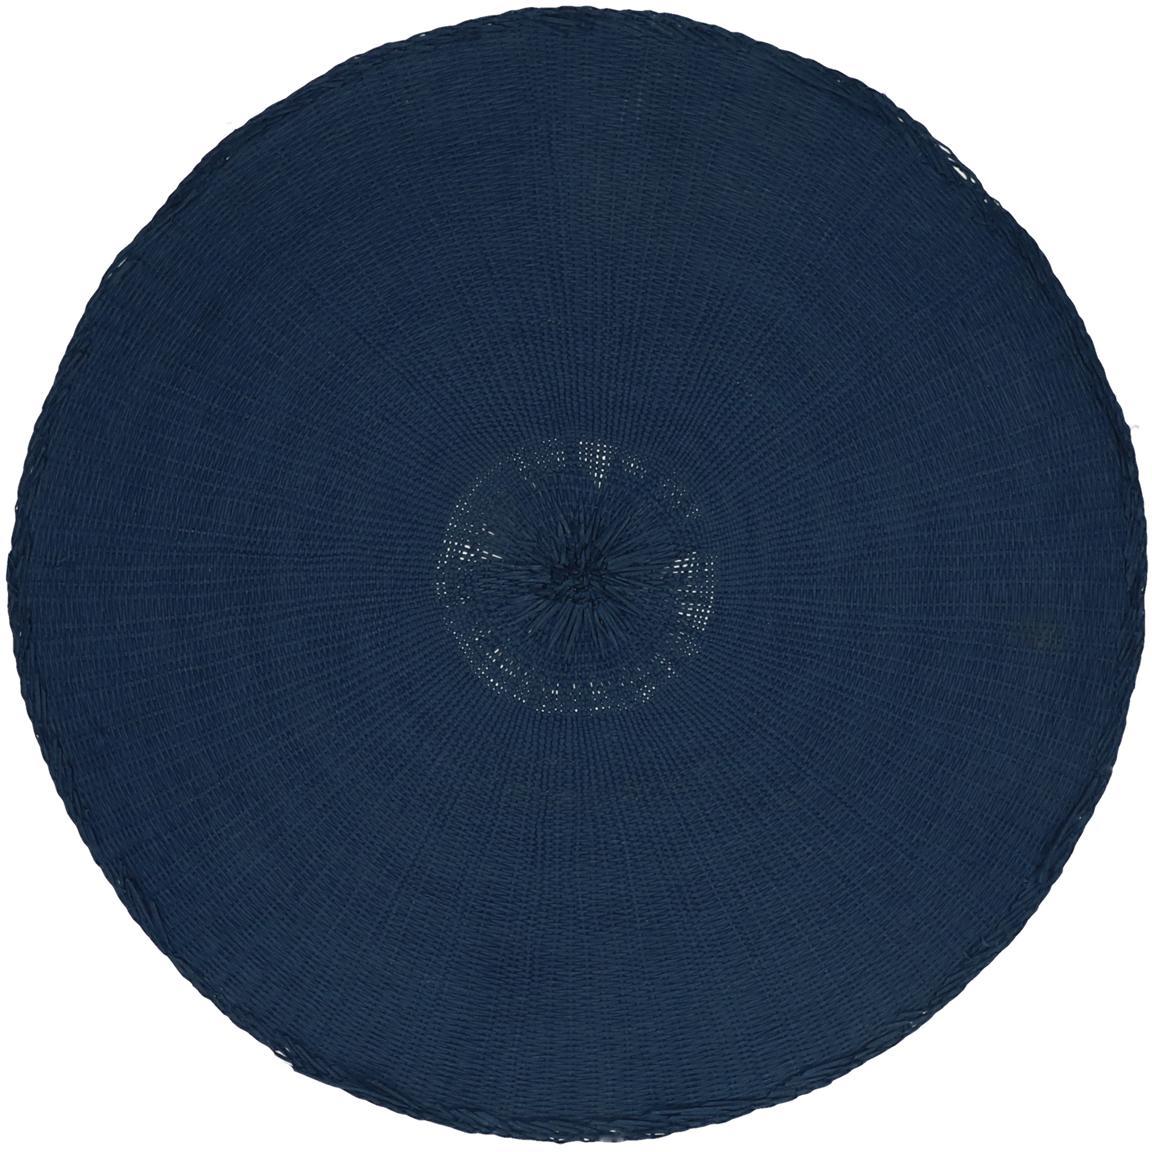 Runde Tischsets Kolori aus Papierfasern, 2 Stück, Papierfasern, Blau, Ø 38 cm